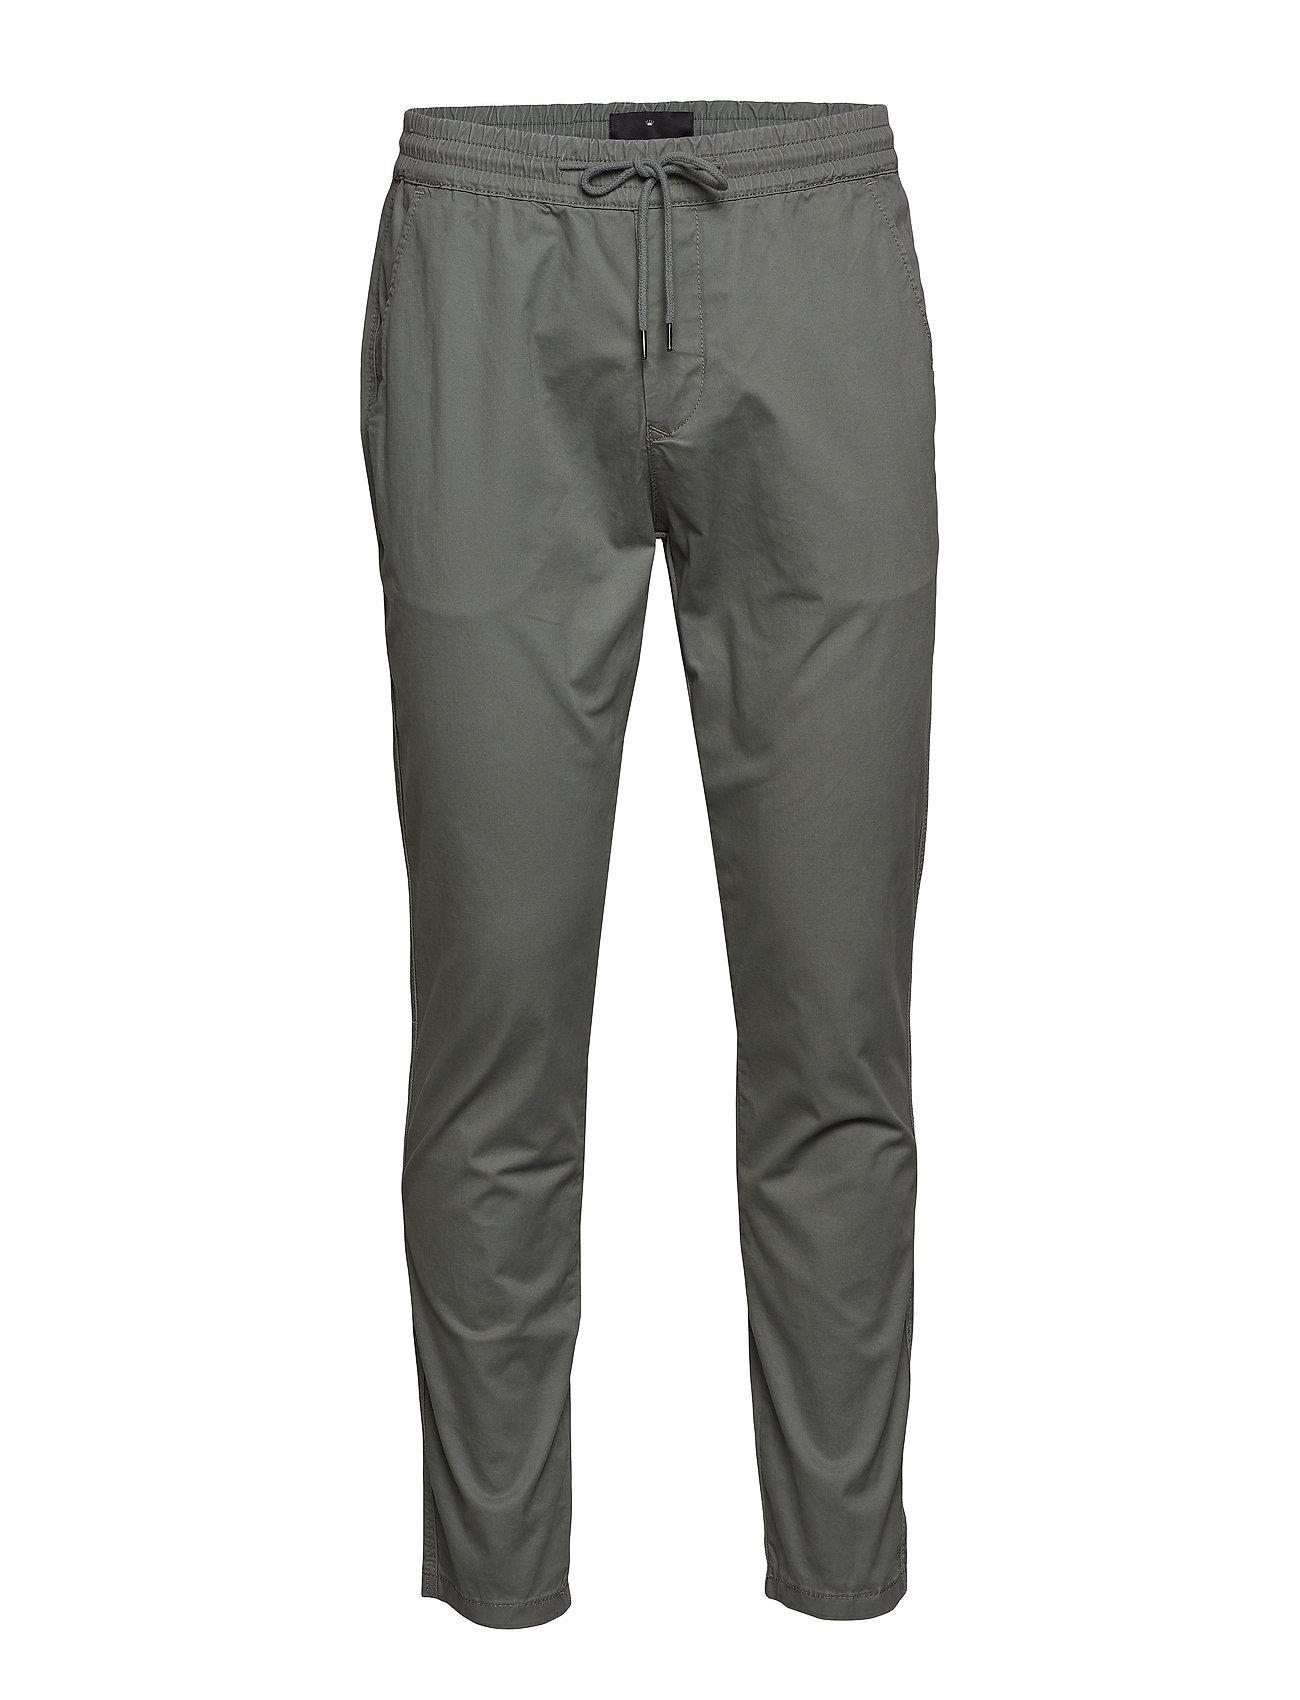 JUNK de LUXE Stretch cotton pants - GREY